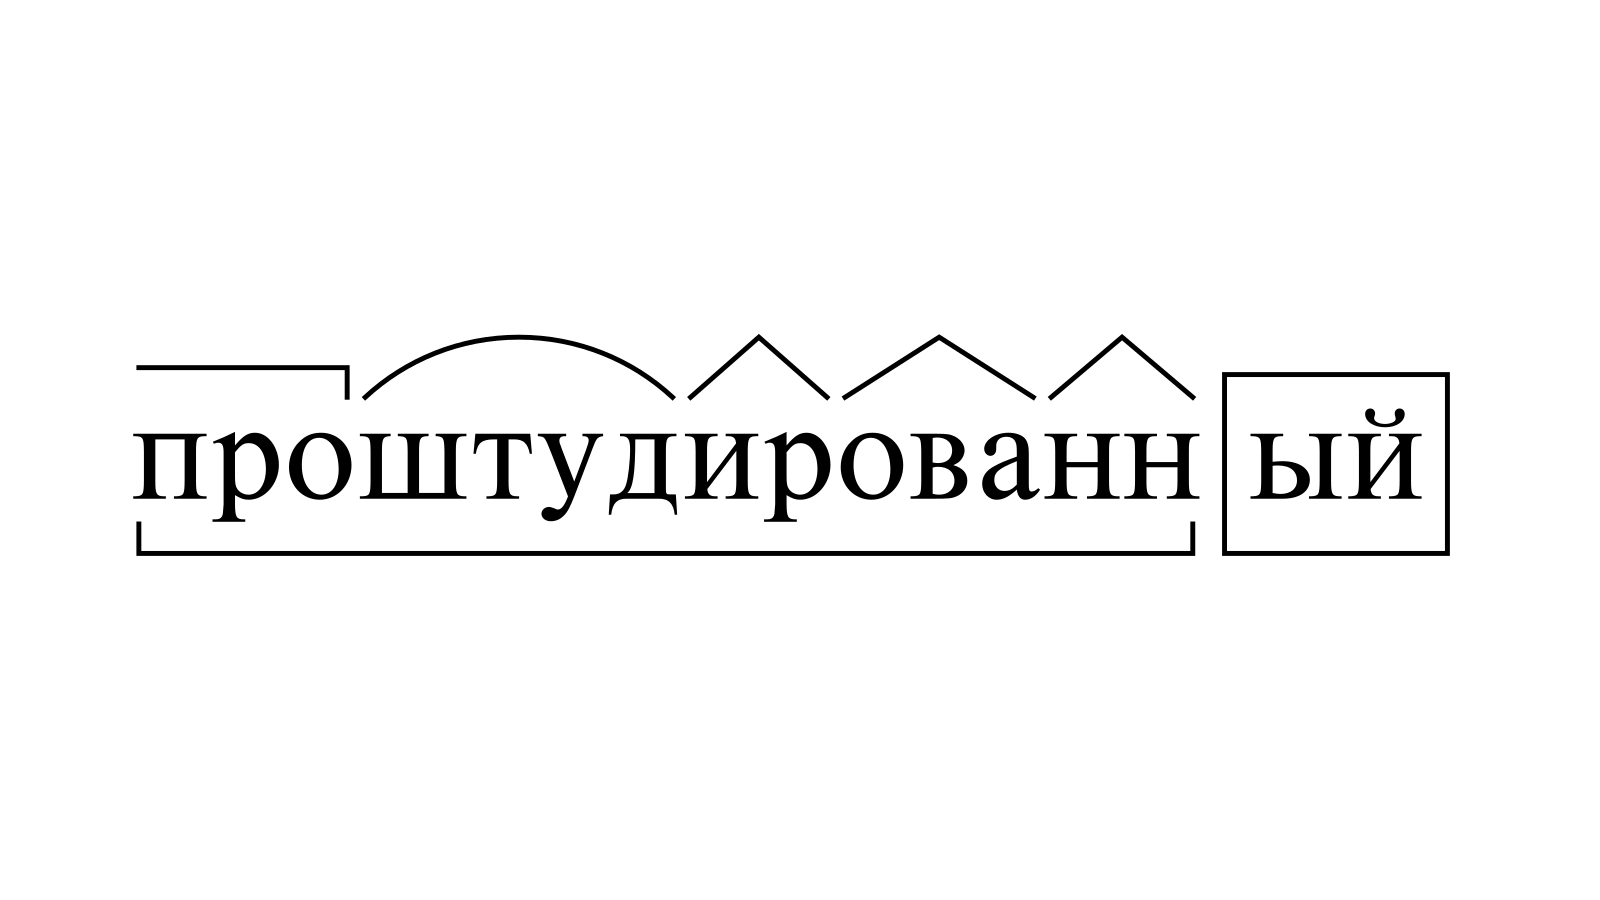 Разбор слова «проштудированный» по составу